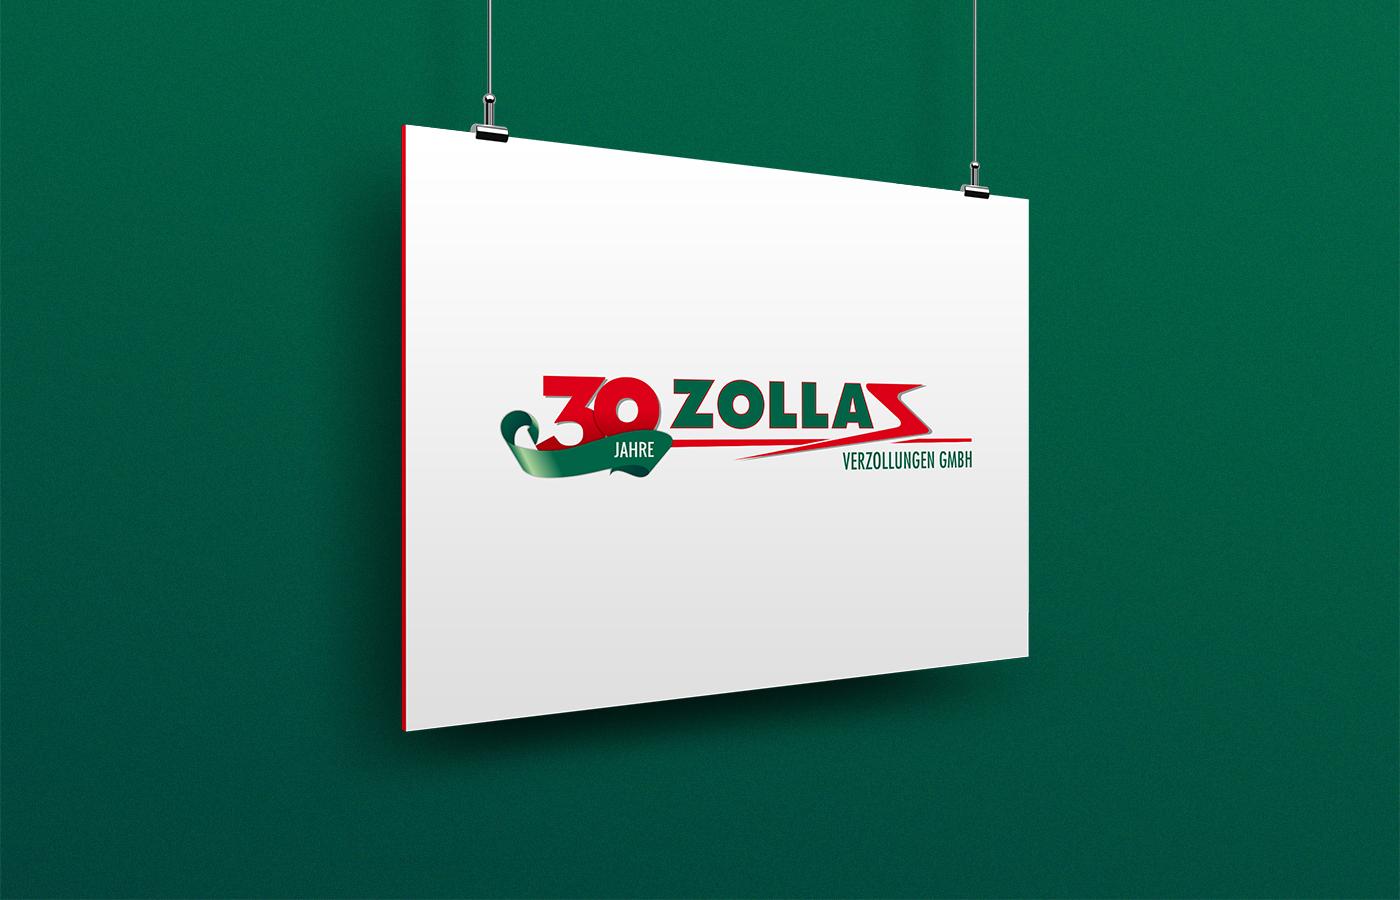 Zollas - Jubiläumslogo